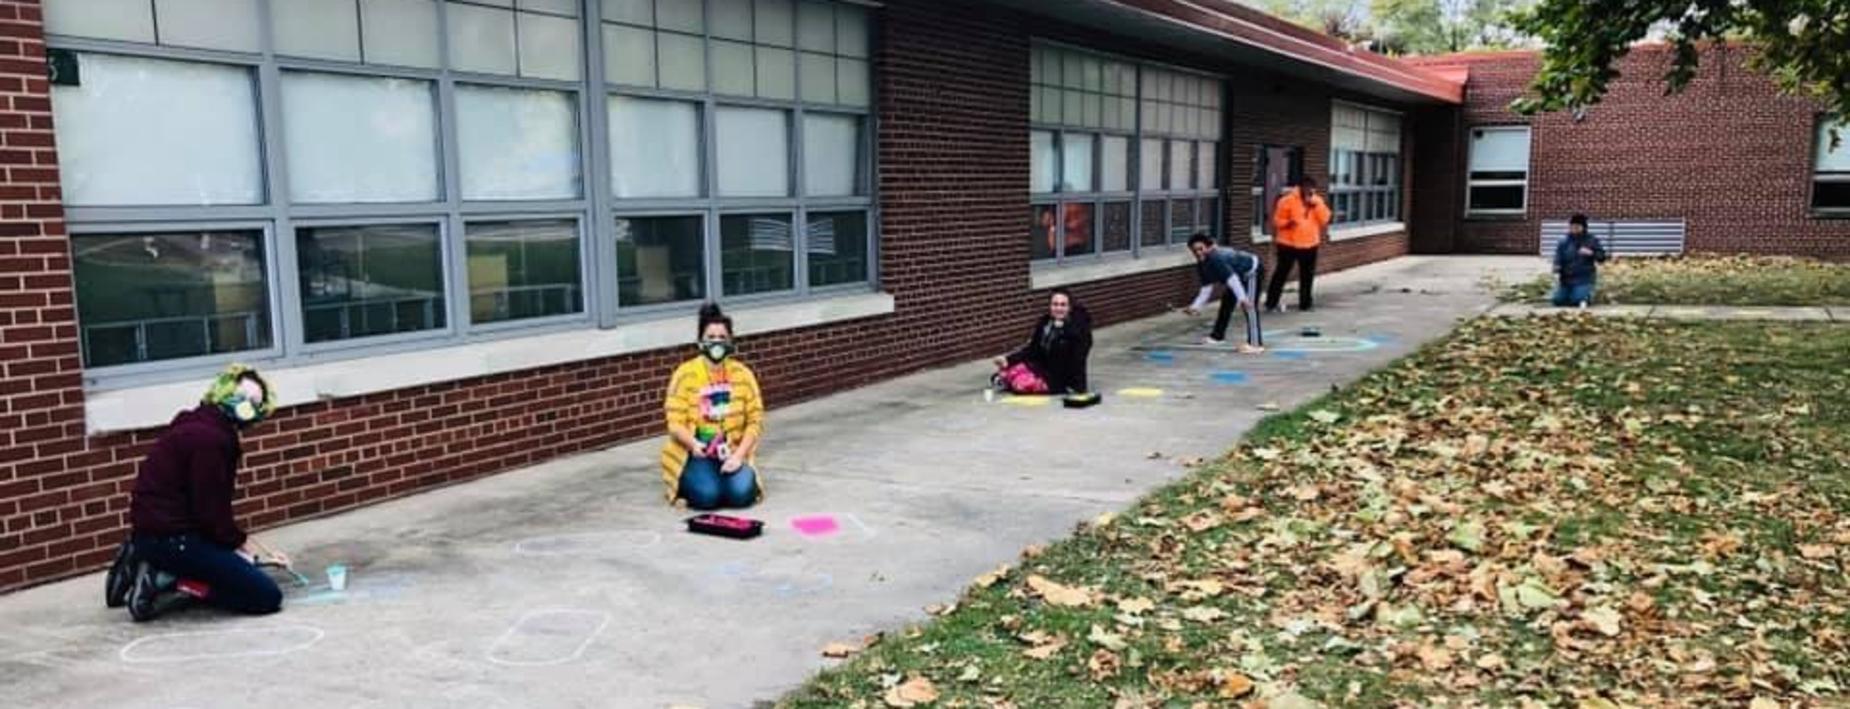 Painting the sidewalks